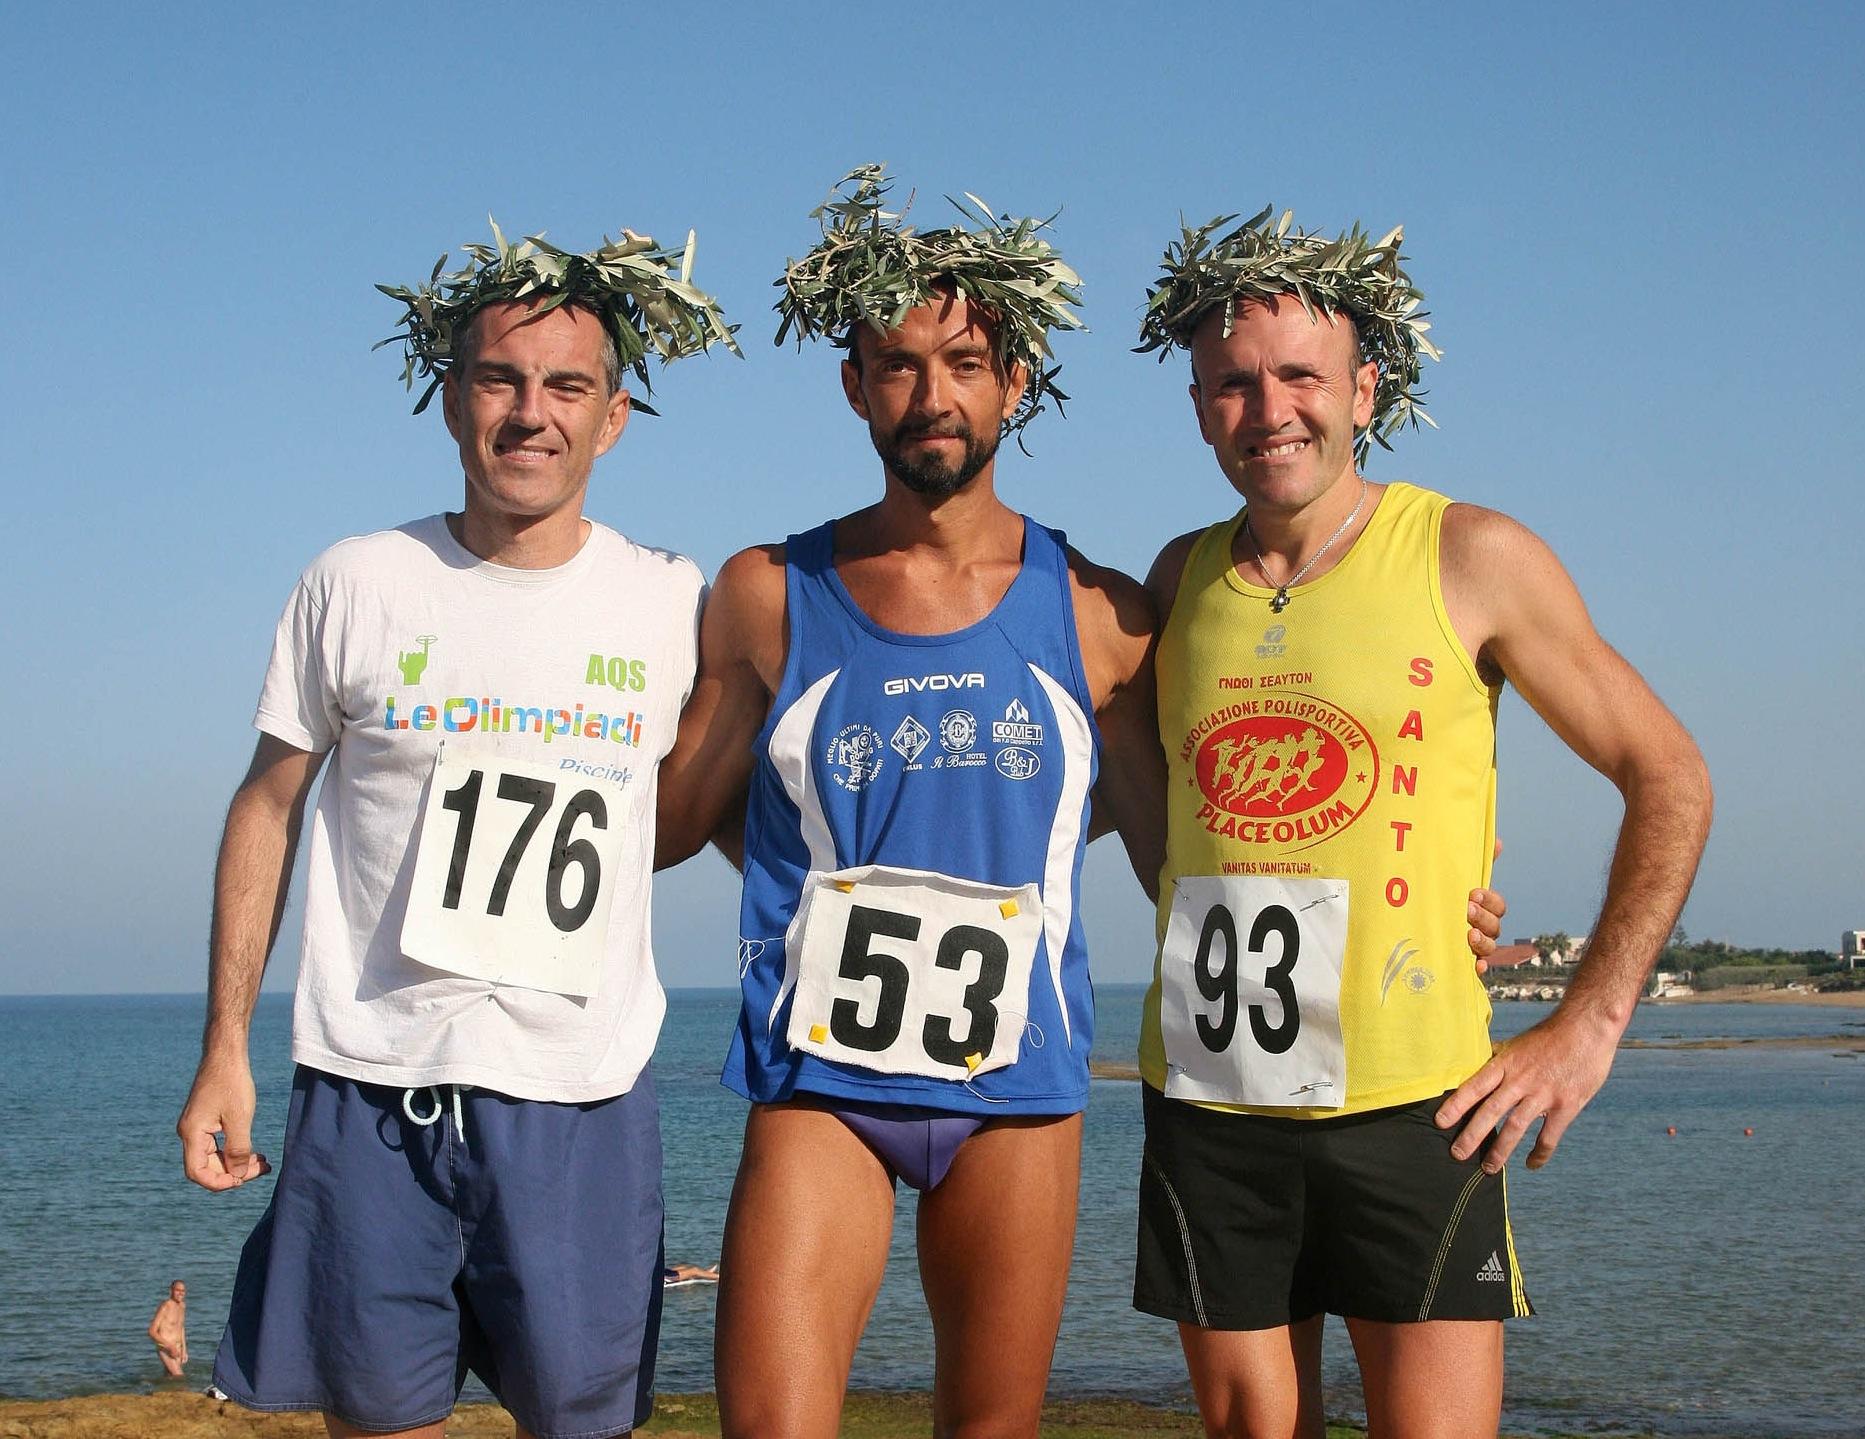 https://www.ragusanews.com//immagini_articoli/10-08-2014/1407689770-1-al-via-la-maratona-alla-filippide.jpg